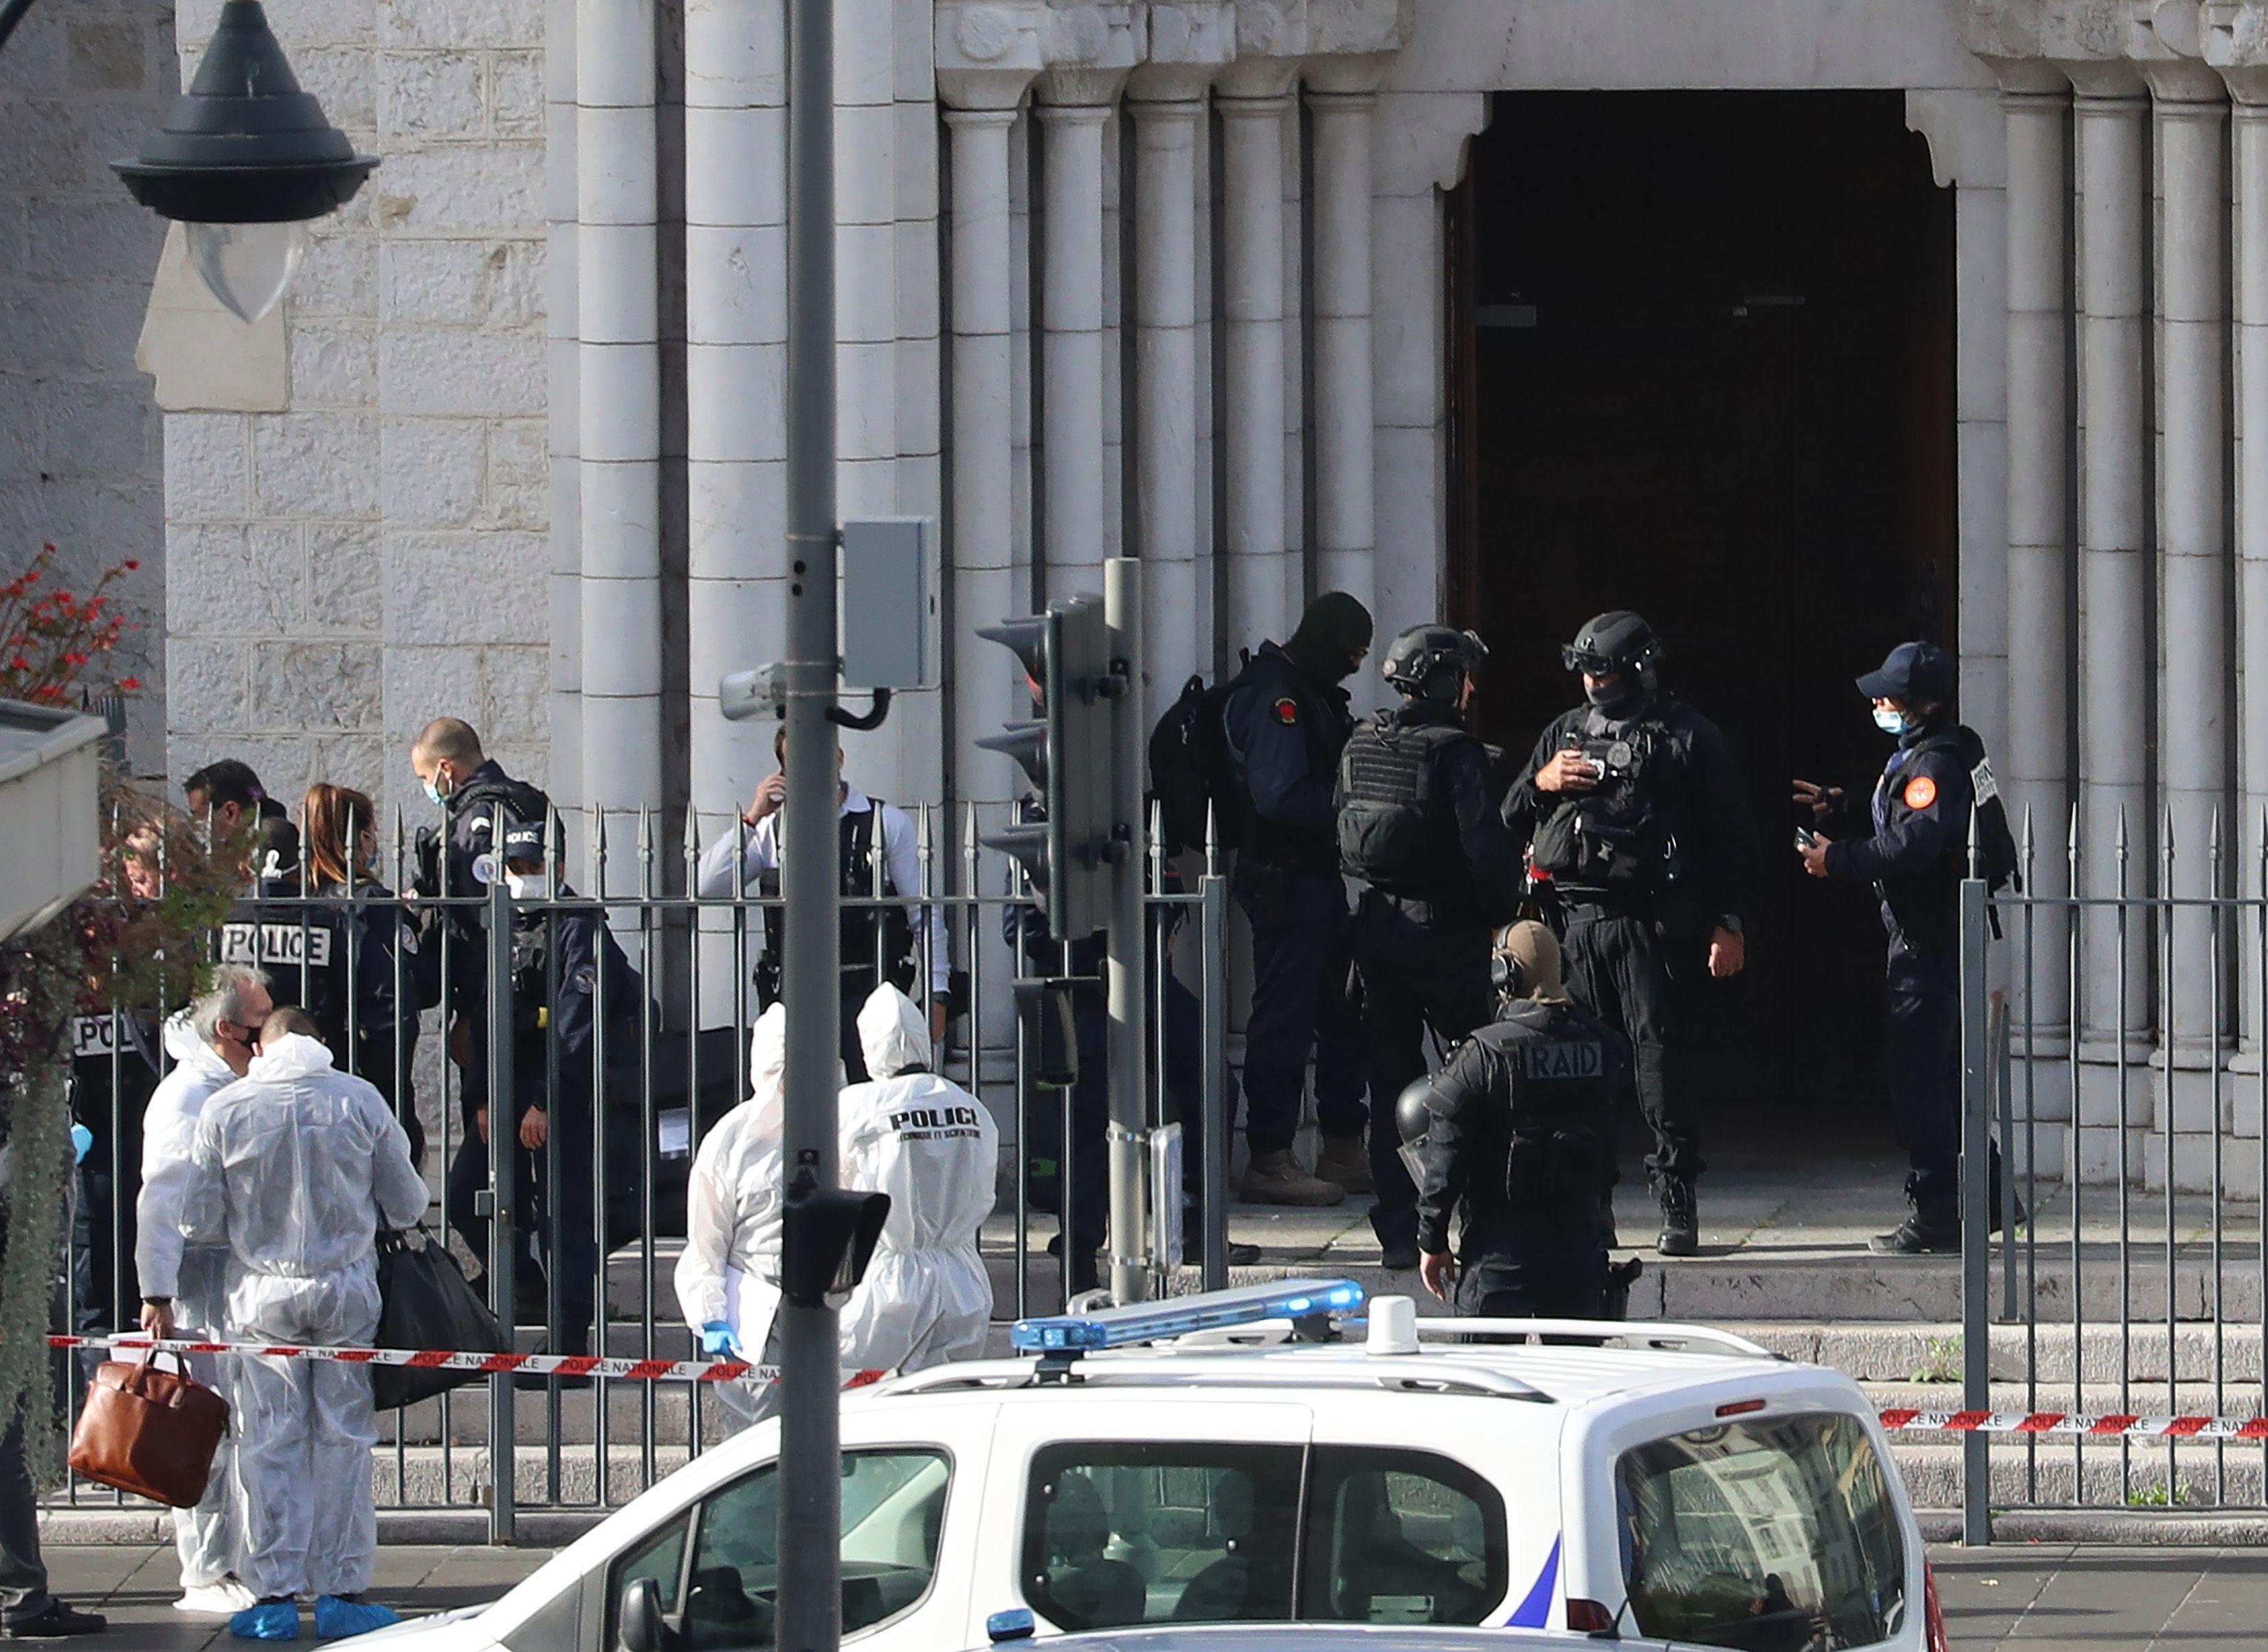 Miembros de la unidad de policía RAID ingresan a la basílica de Notre Dame para registrarla después de los ataques 'terroristas'